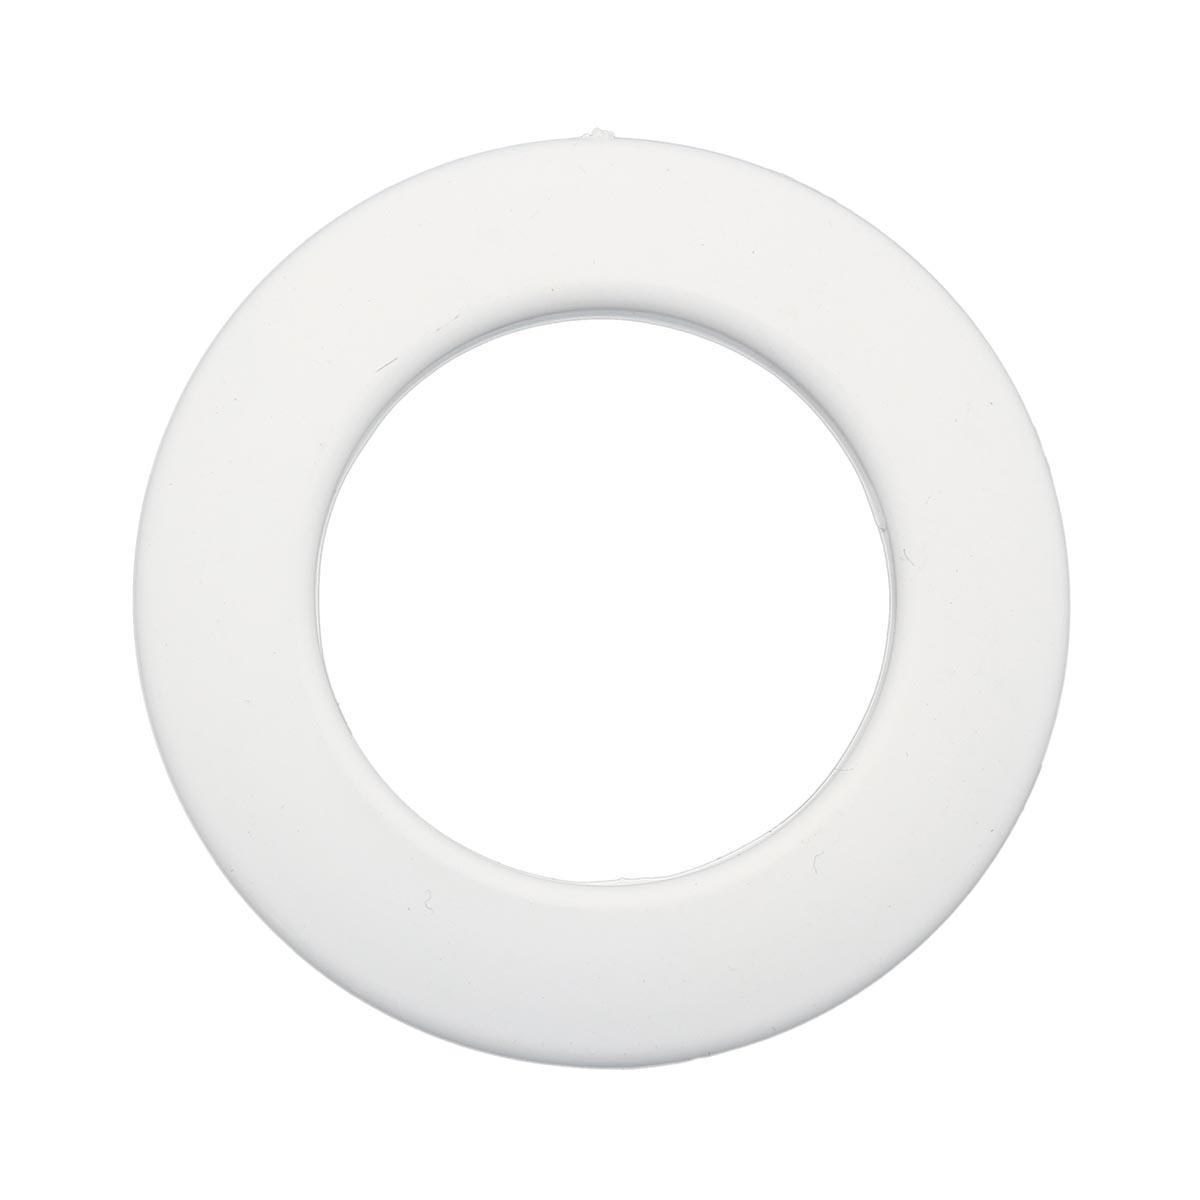 Люверс шторный, d 35 мм, белый (23), упак./10 шт., Belladonna